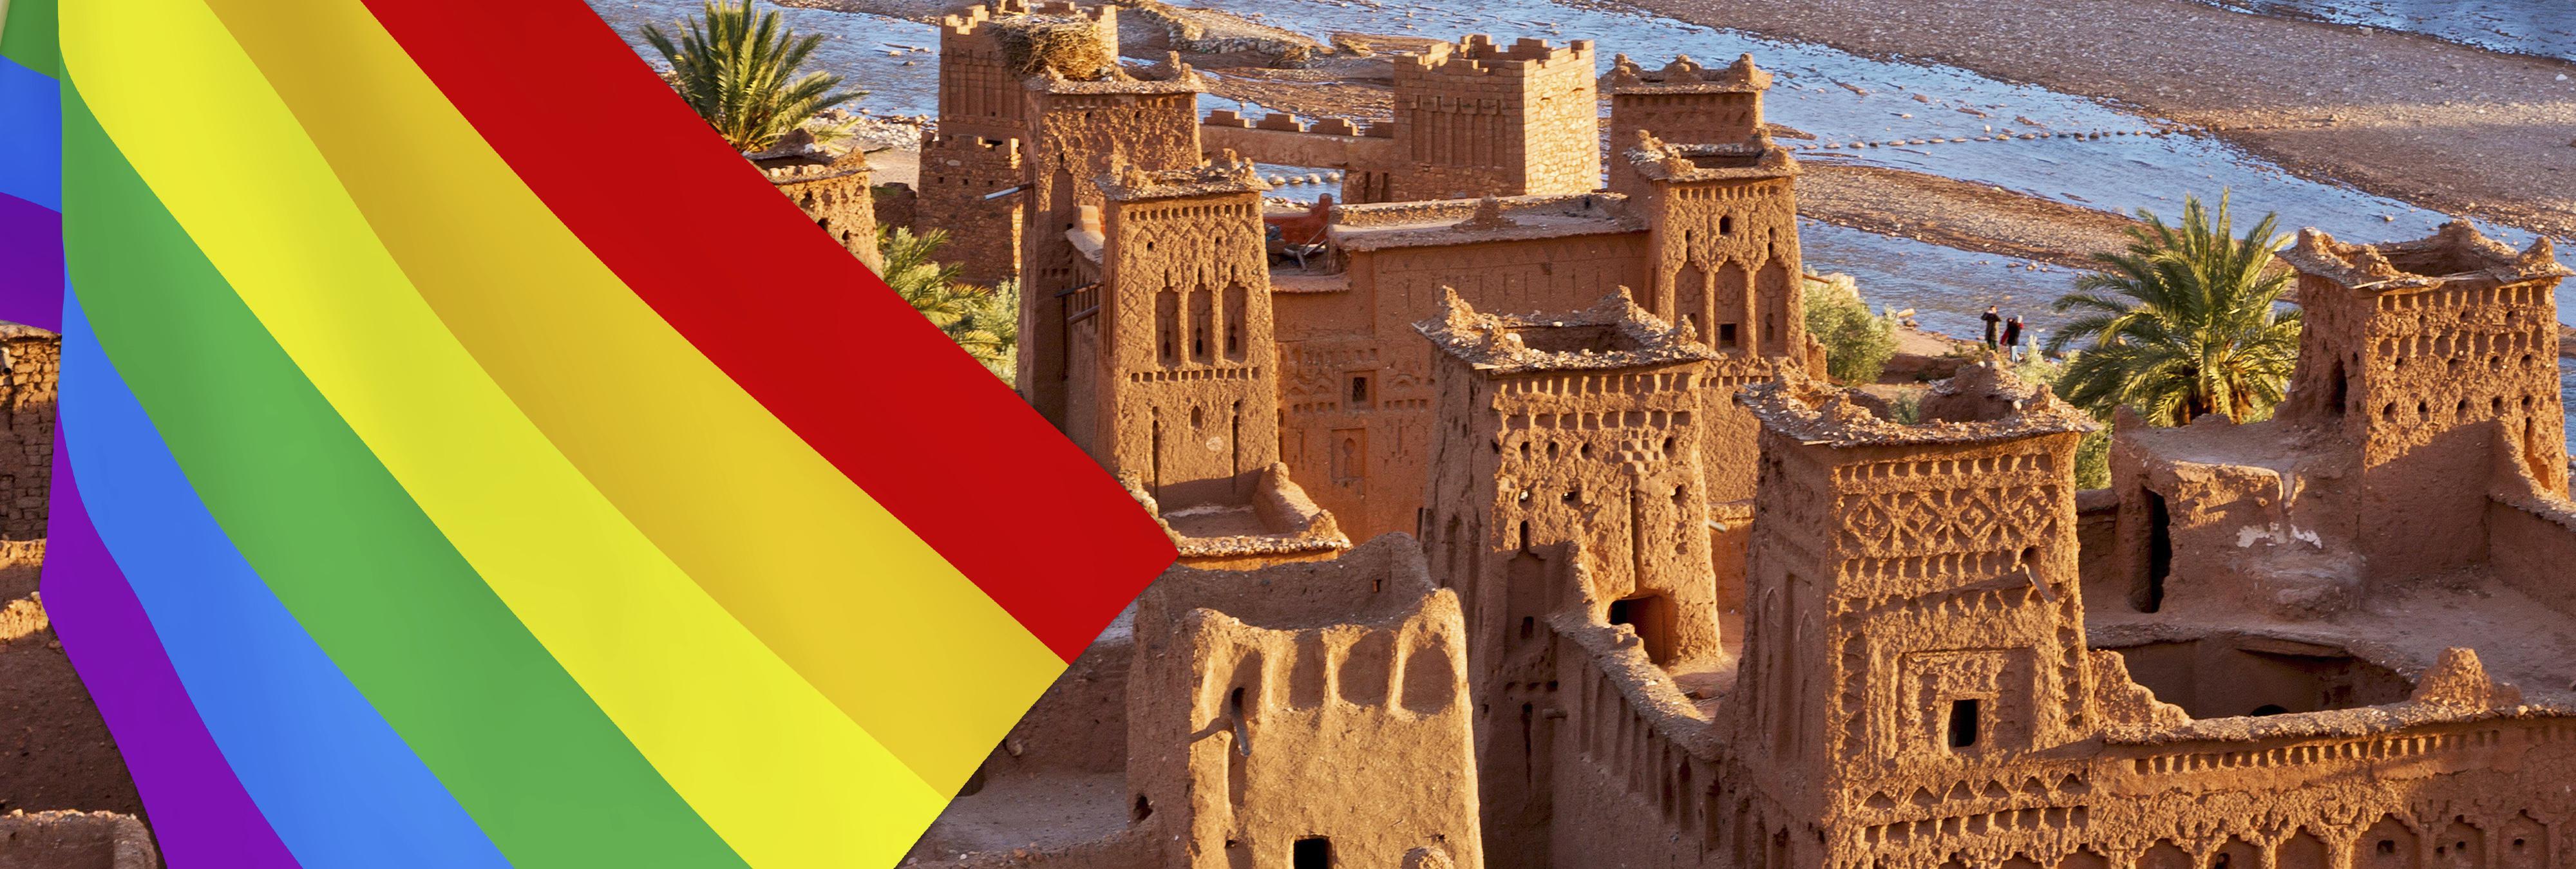 Marruecos envía a prisión a un homosexual pero no a los agresores que le dieron una paliza